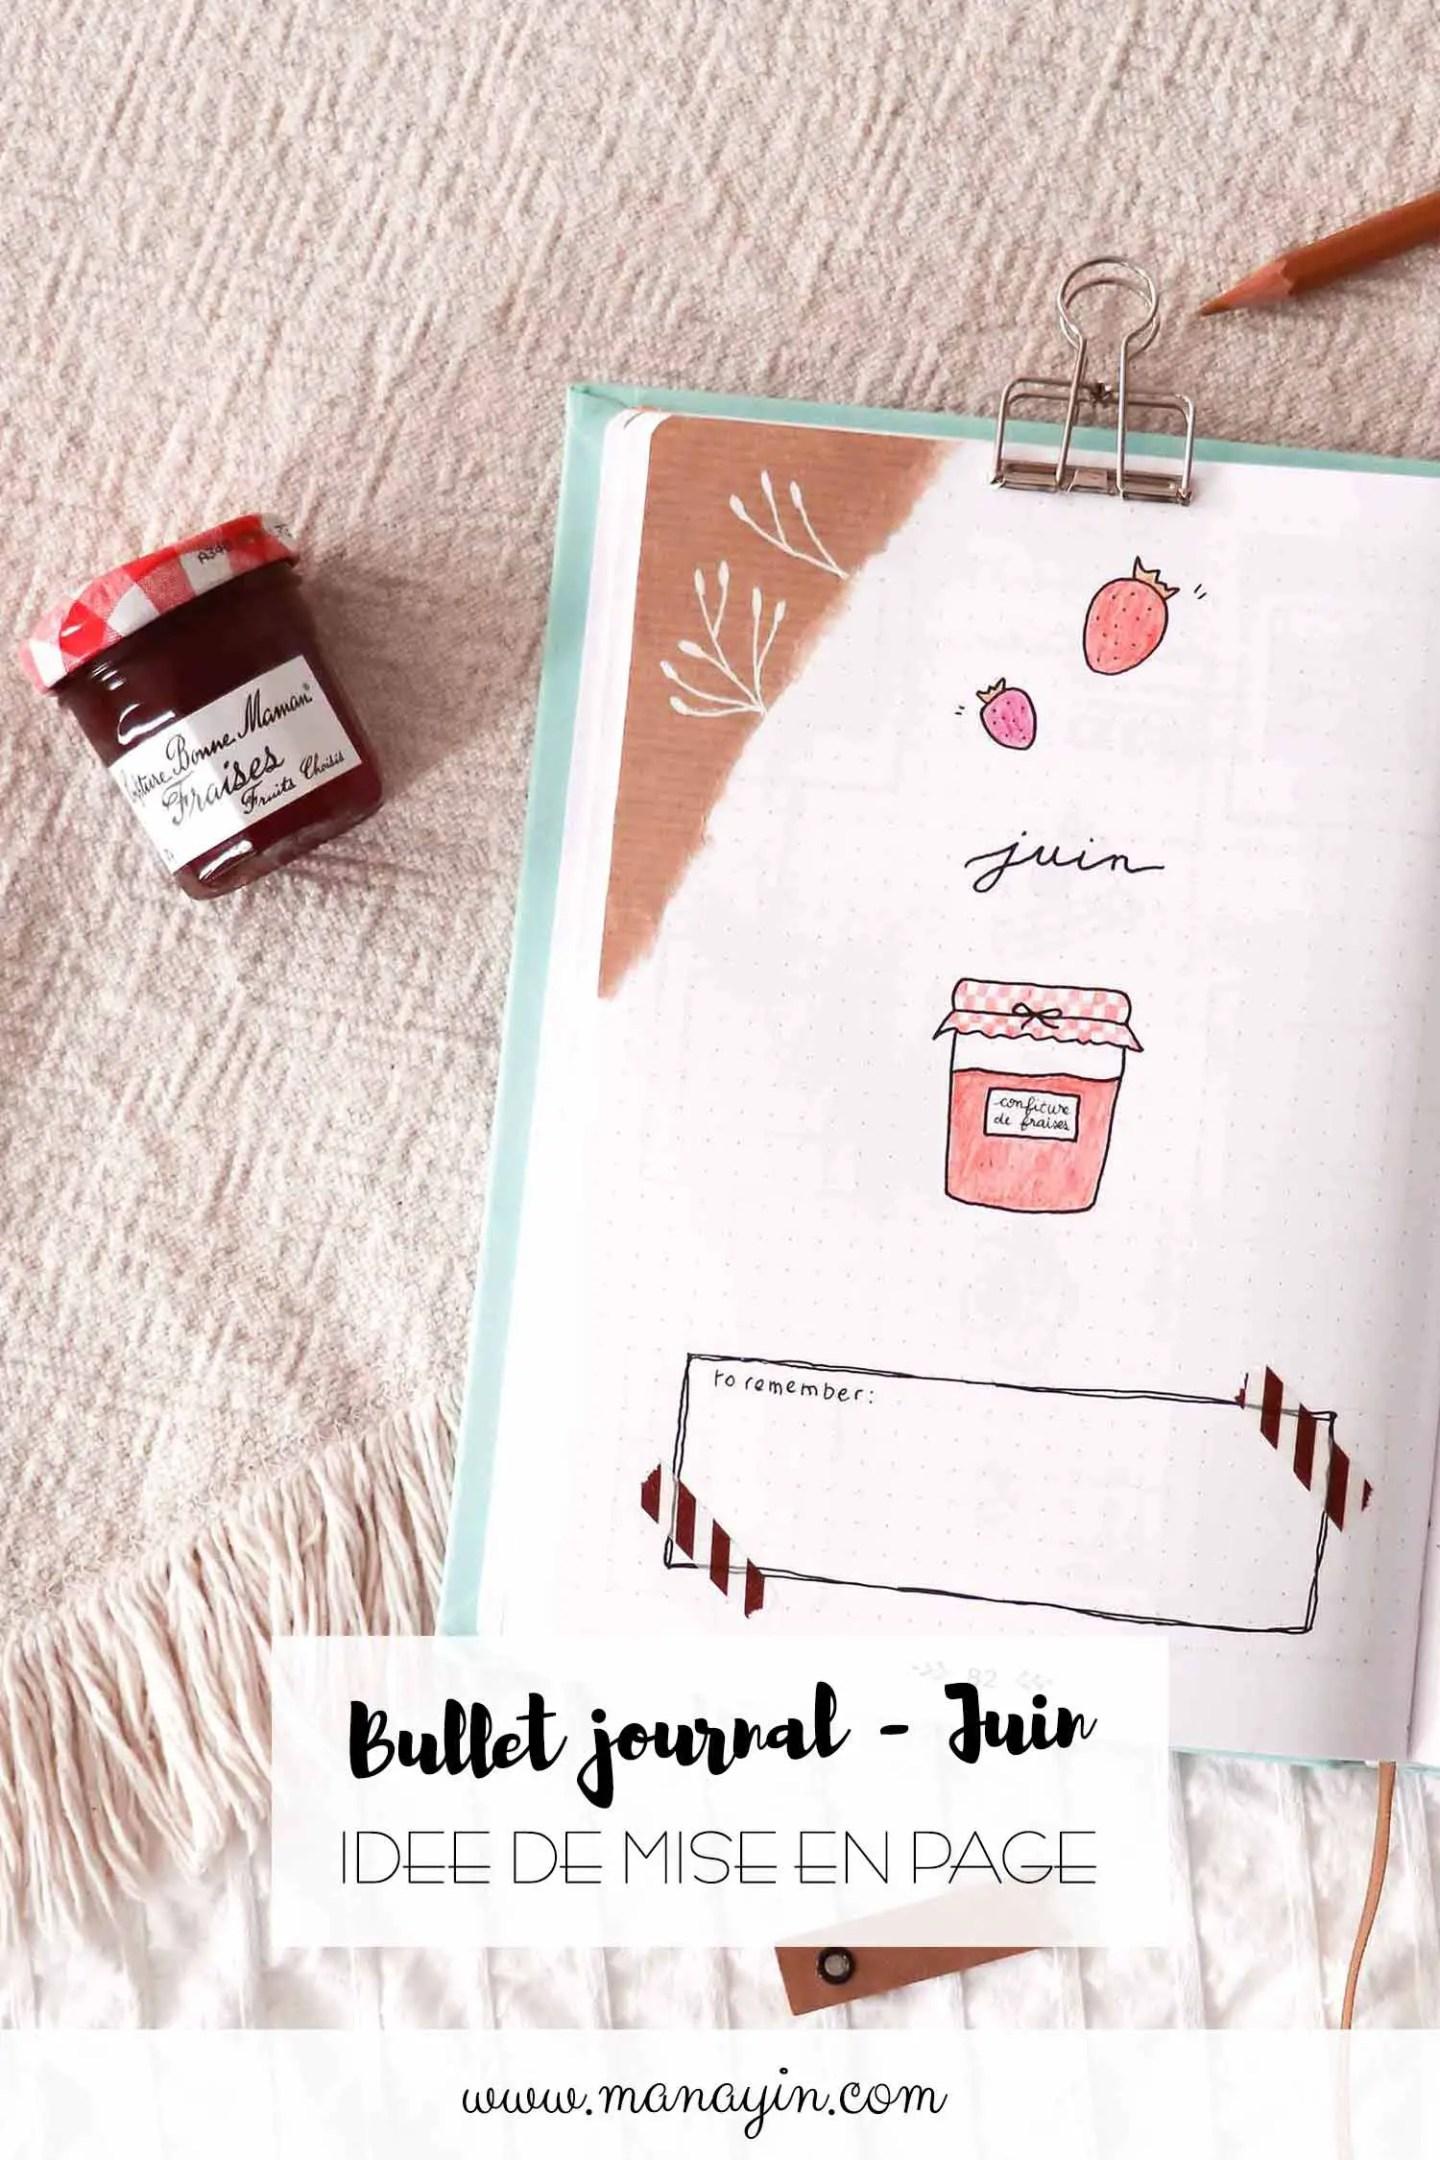 Bullet journal Juin